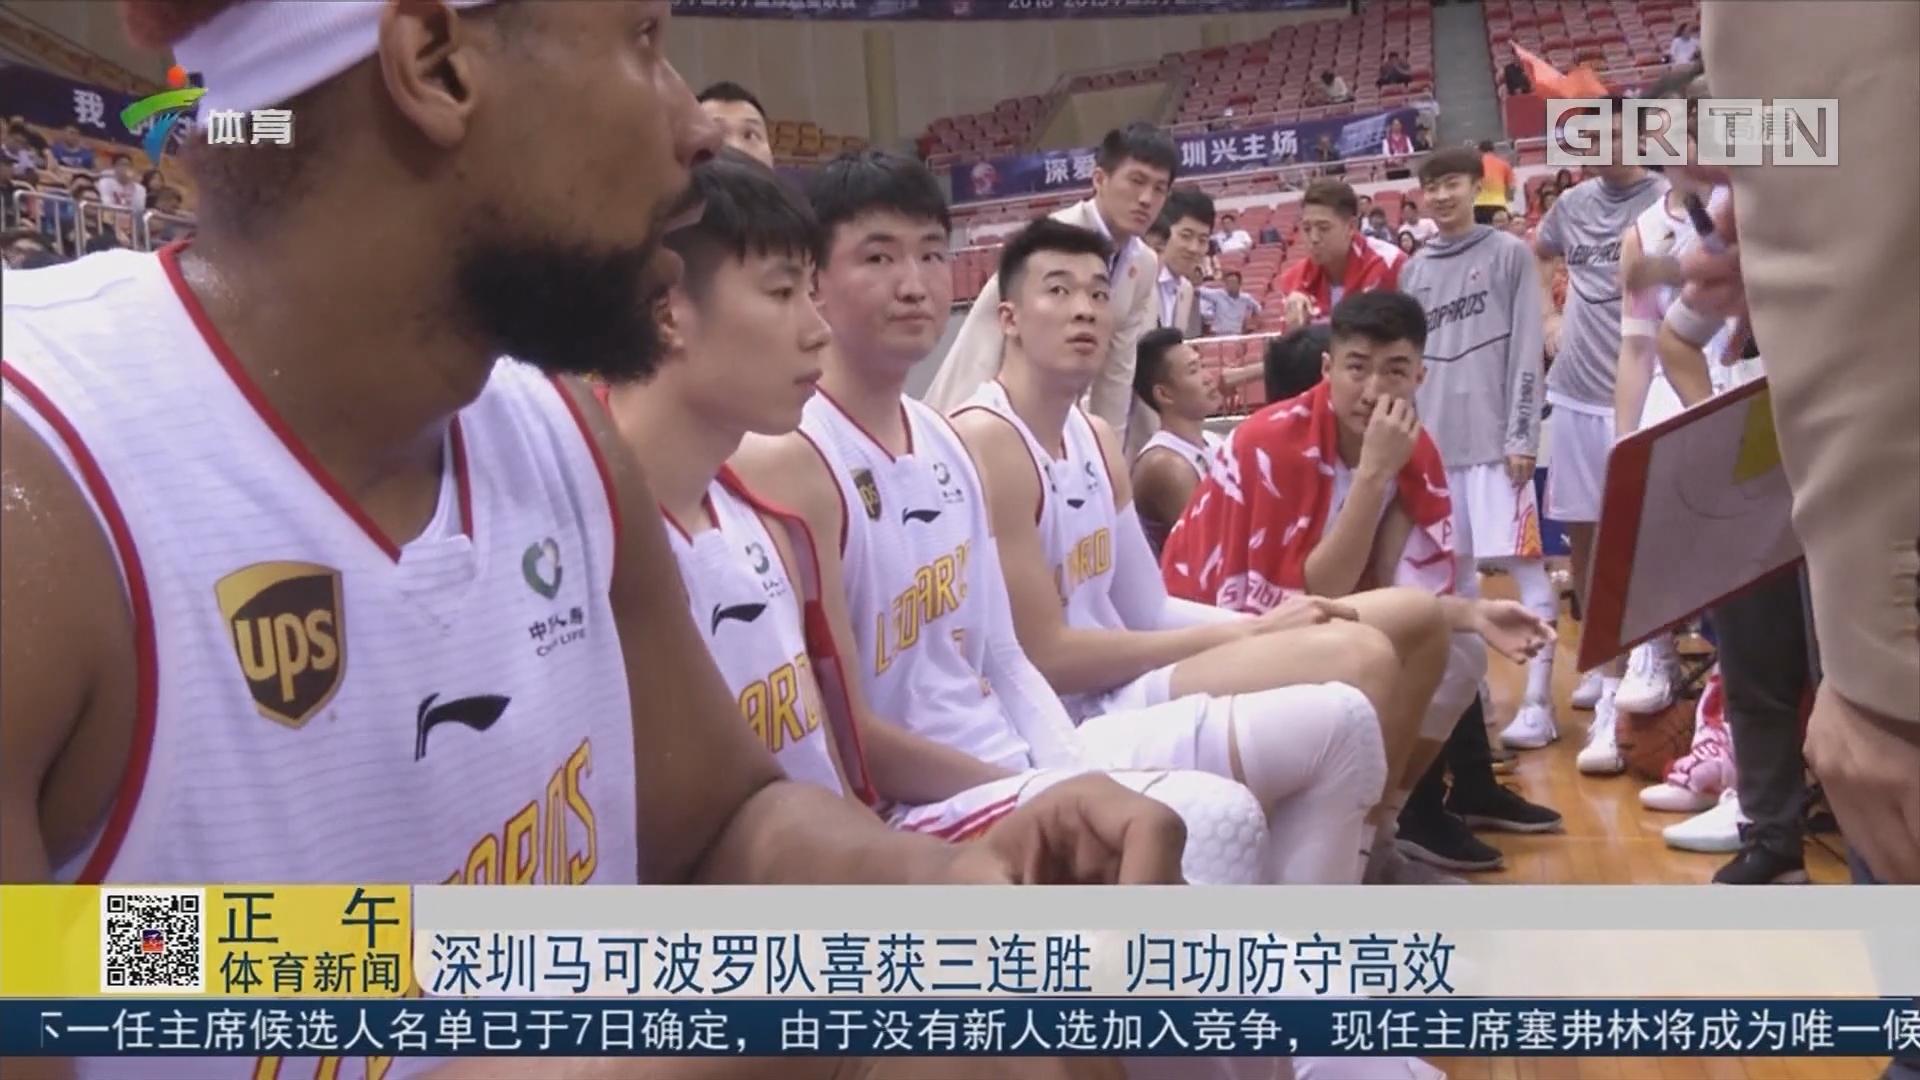 深圳马可波罗队喜获三连胜 归功防守高效